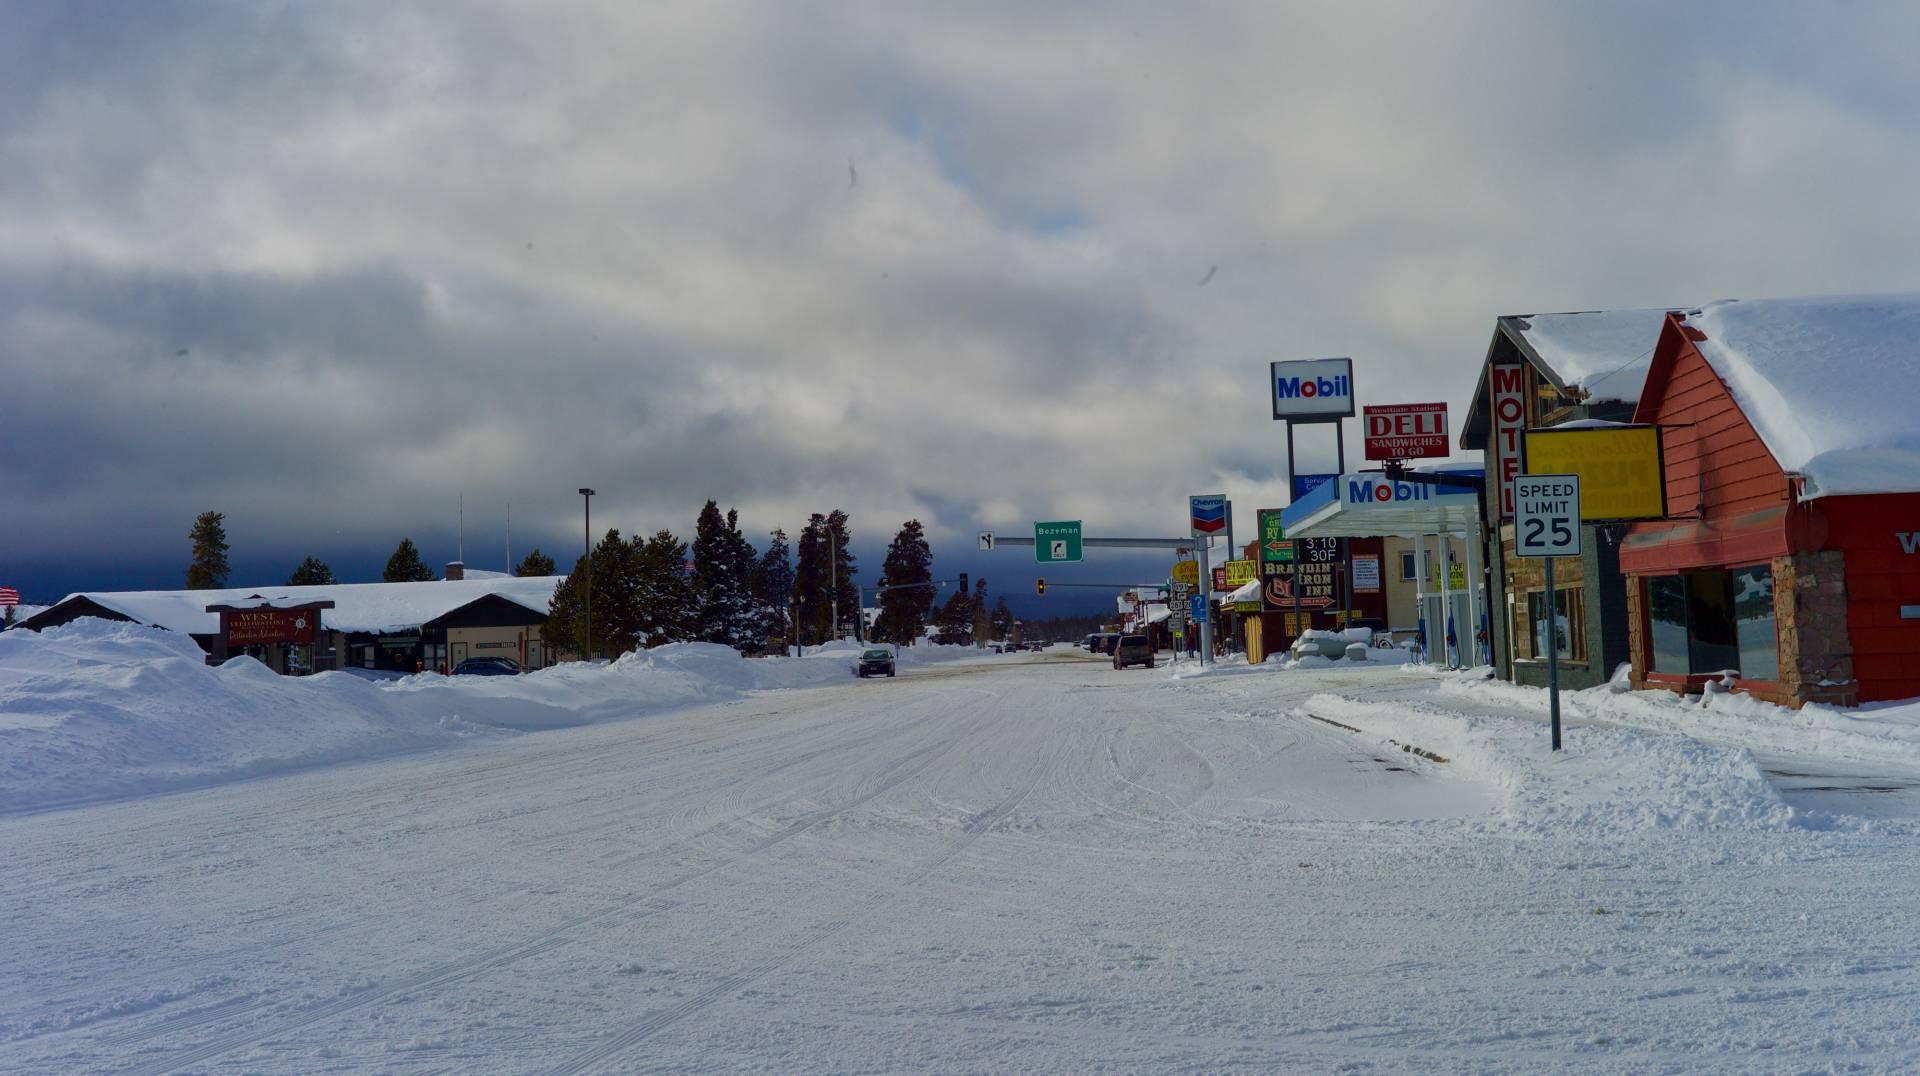 Snowbound West Yellowstone